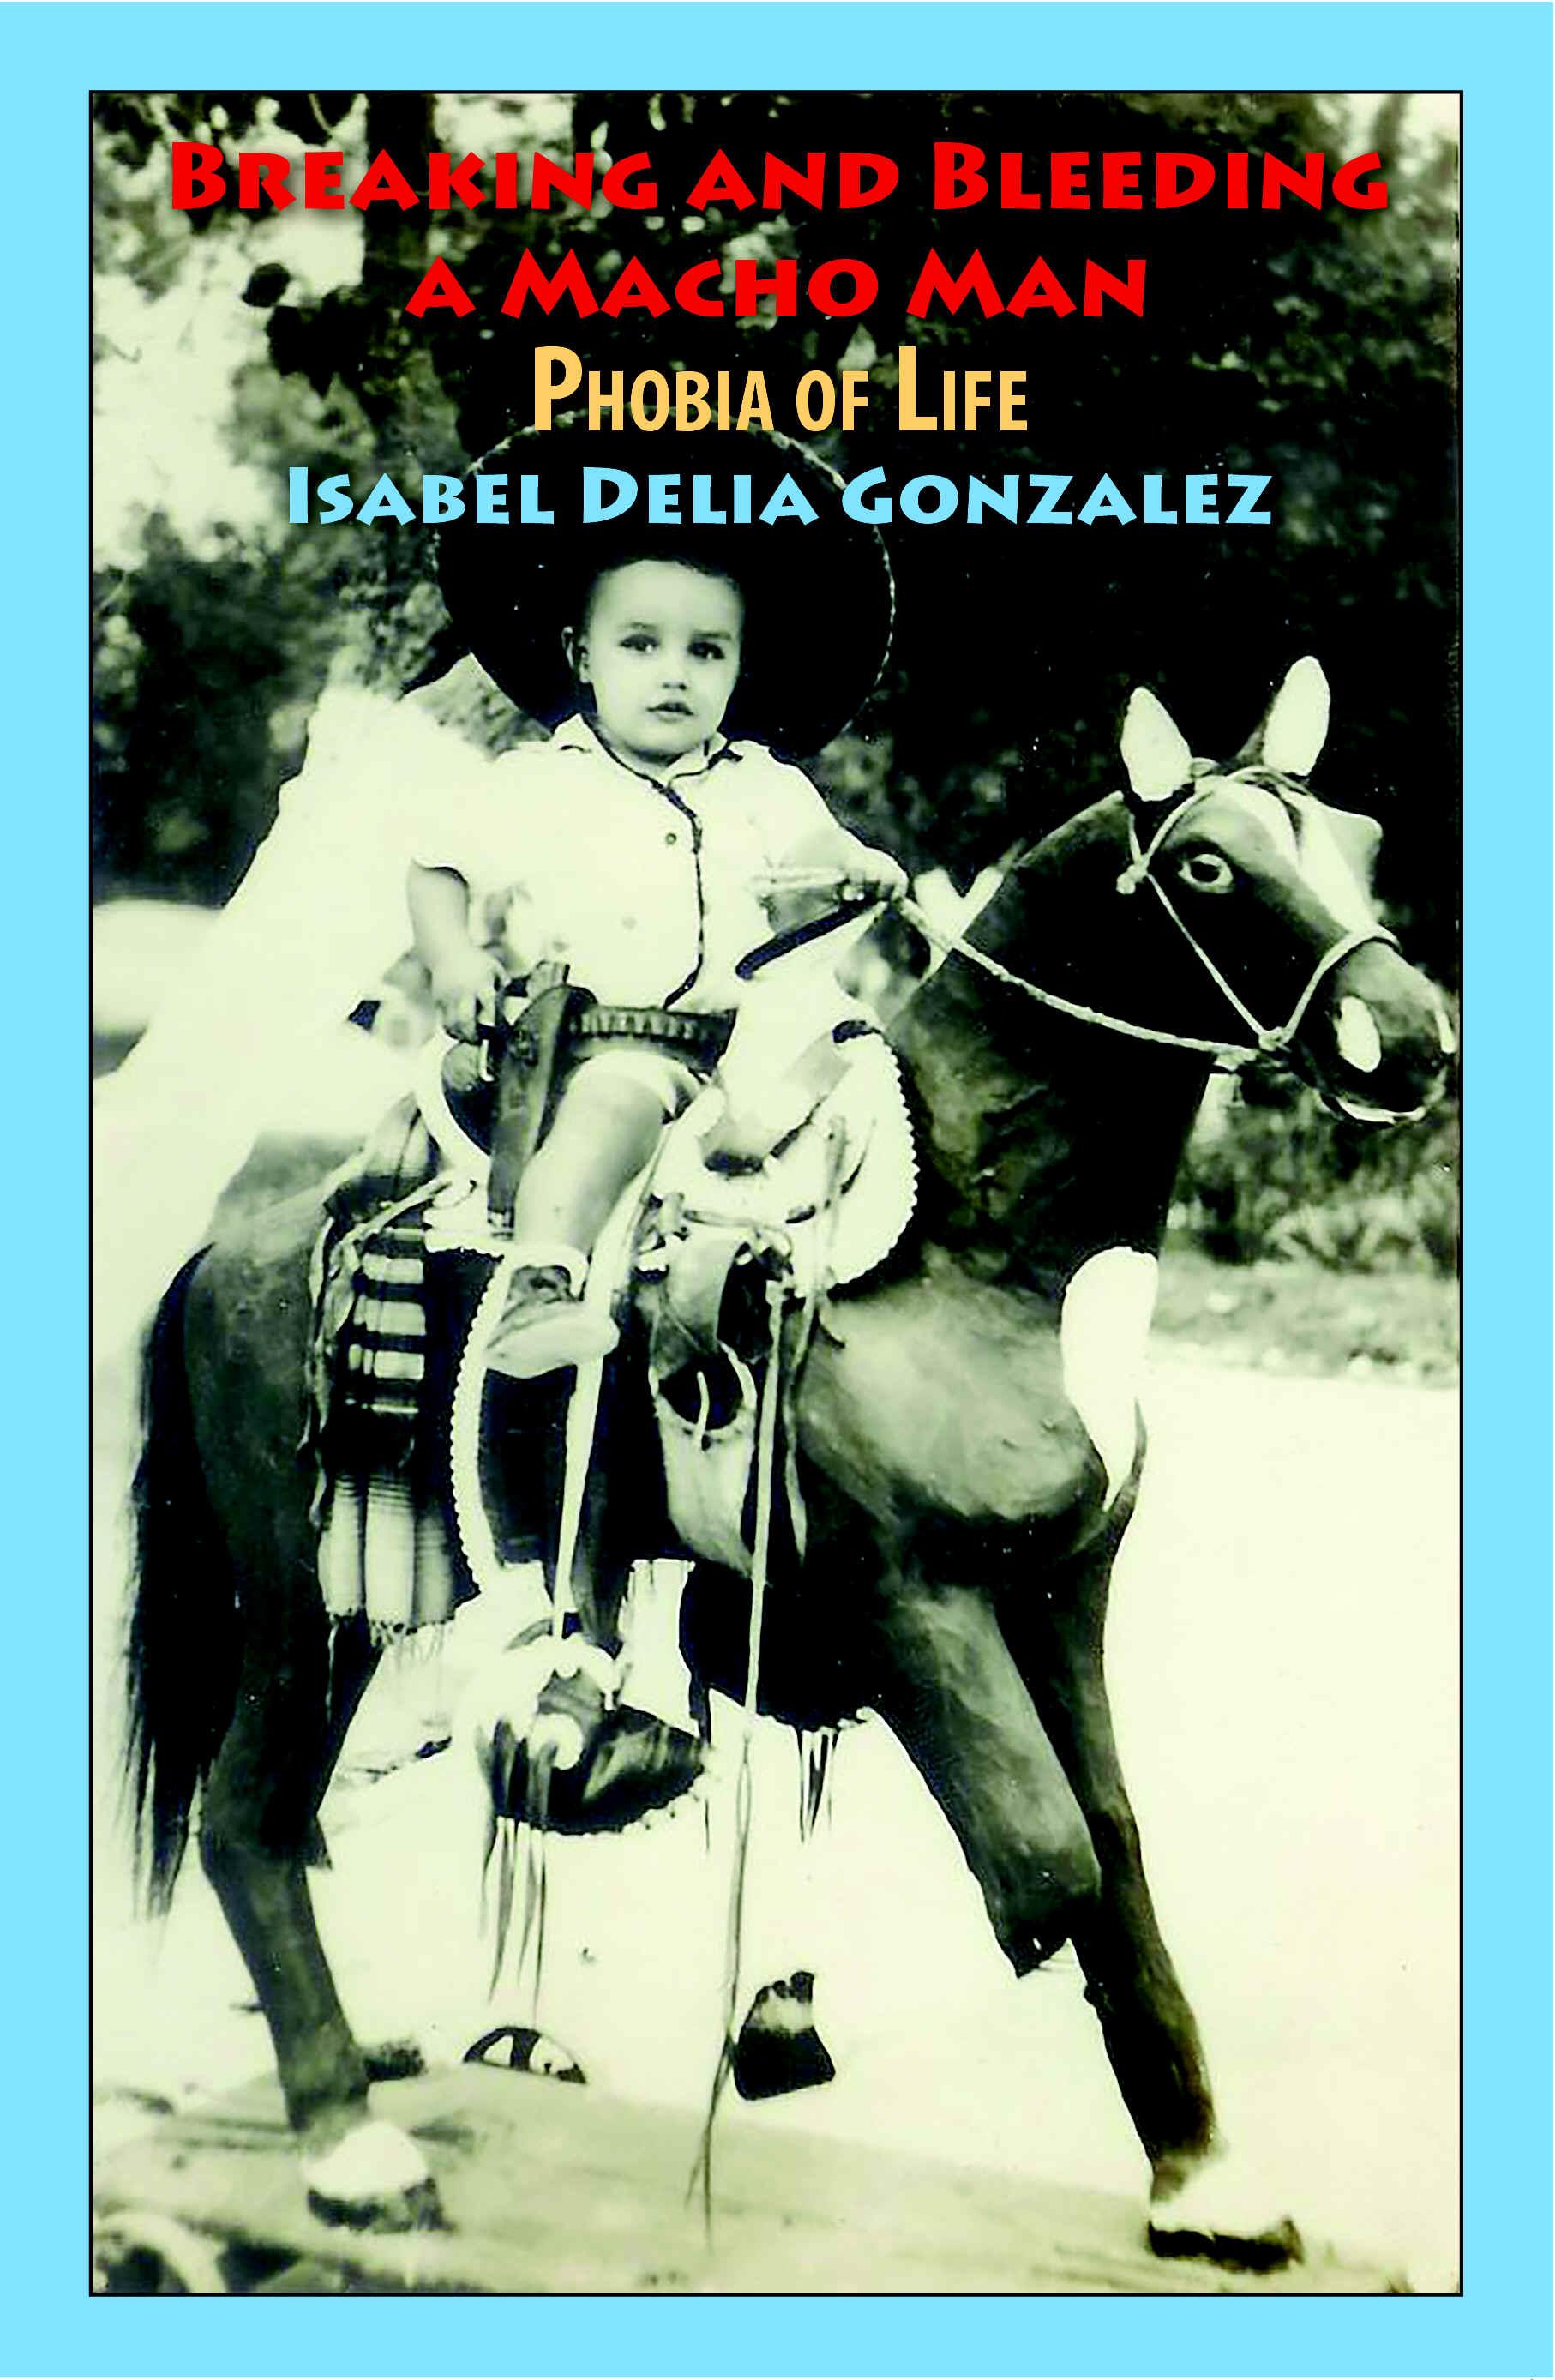 Hispania La Leyenda Full Movie somos primos